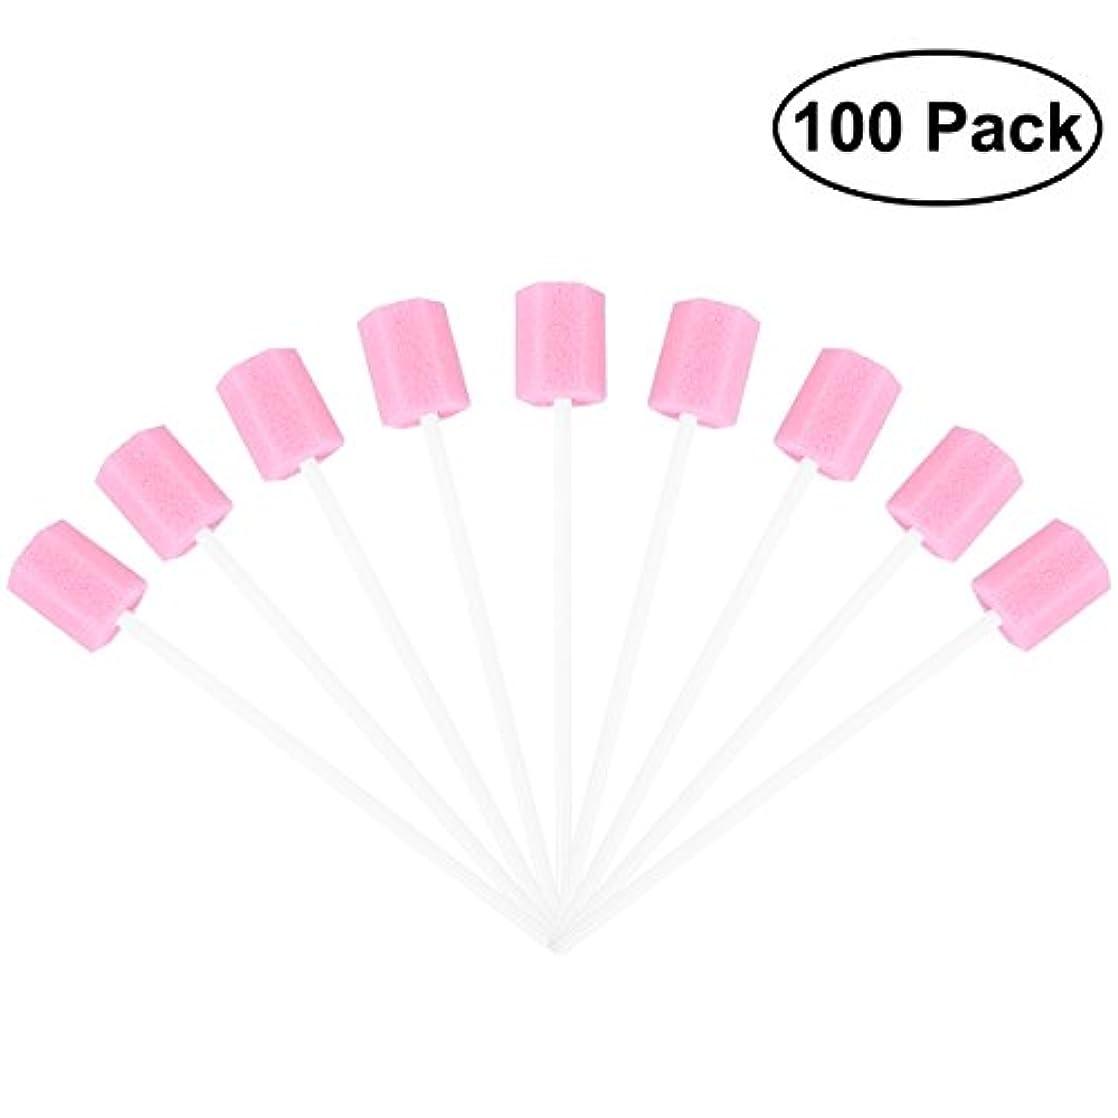 連邦ロードされた流産ROSENICE 使い捨てオーラルケアスポンジスワブ歯口洗浄スワブ100個(ピンク)